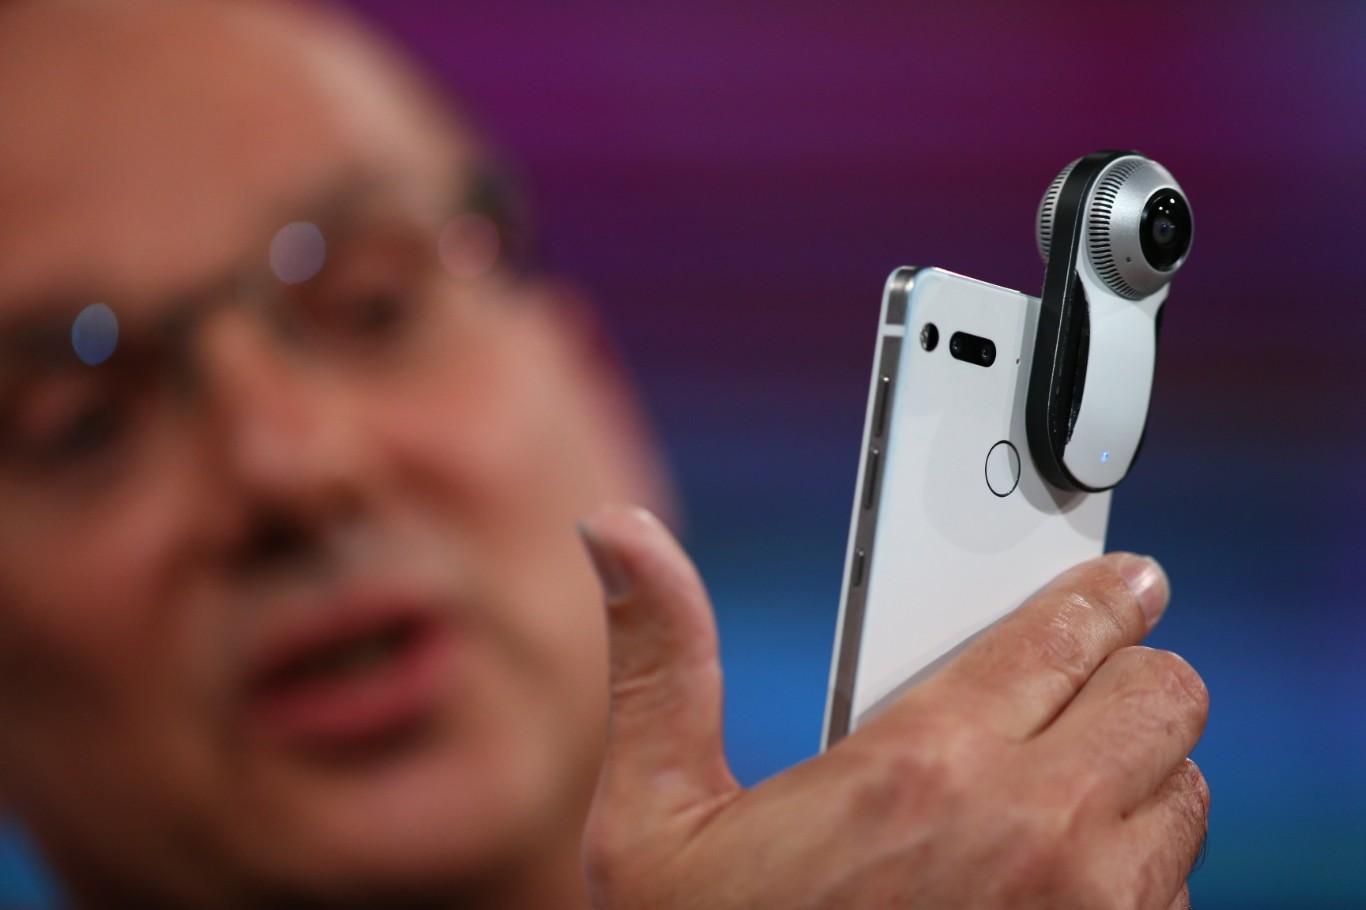 Smartphone-ul Essential Phone, adus oamenilor de persoana care a creat sistemul de operare Android, este in sfarsit gata pentru a fi in lumina reflectoarelor. Es